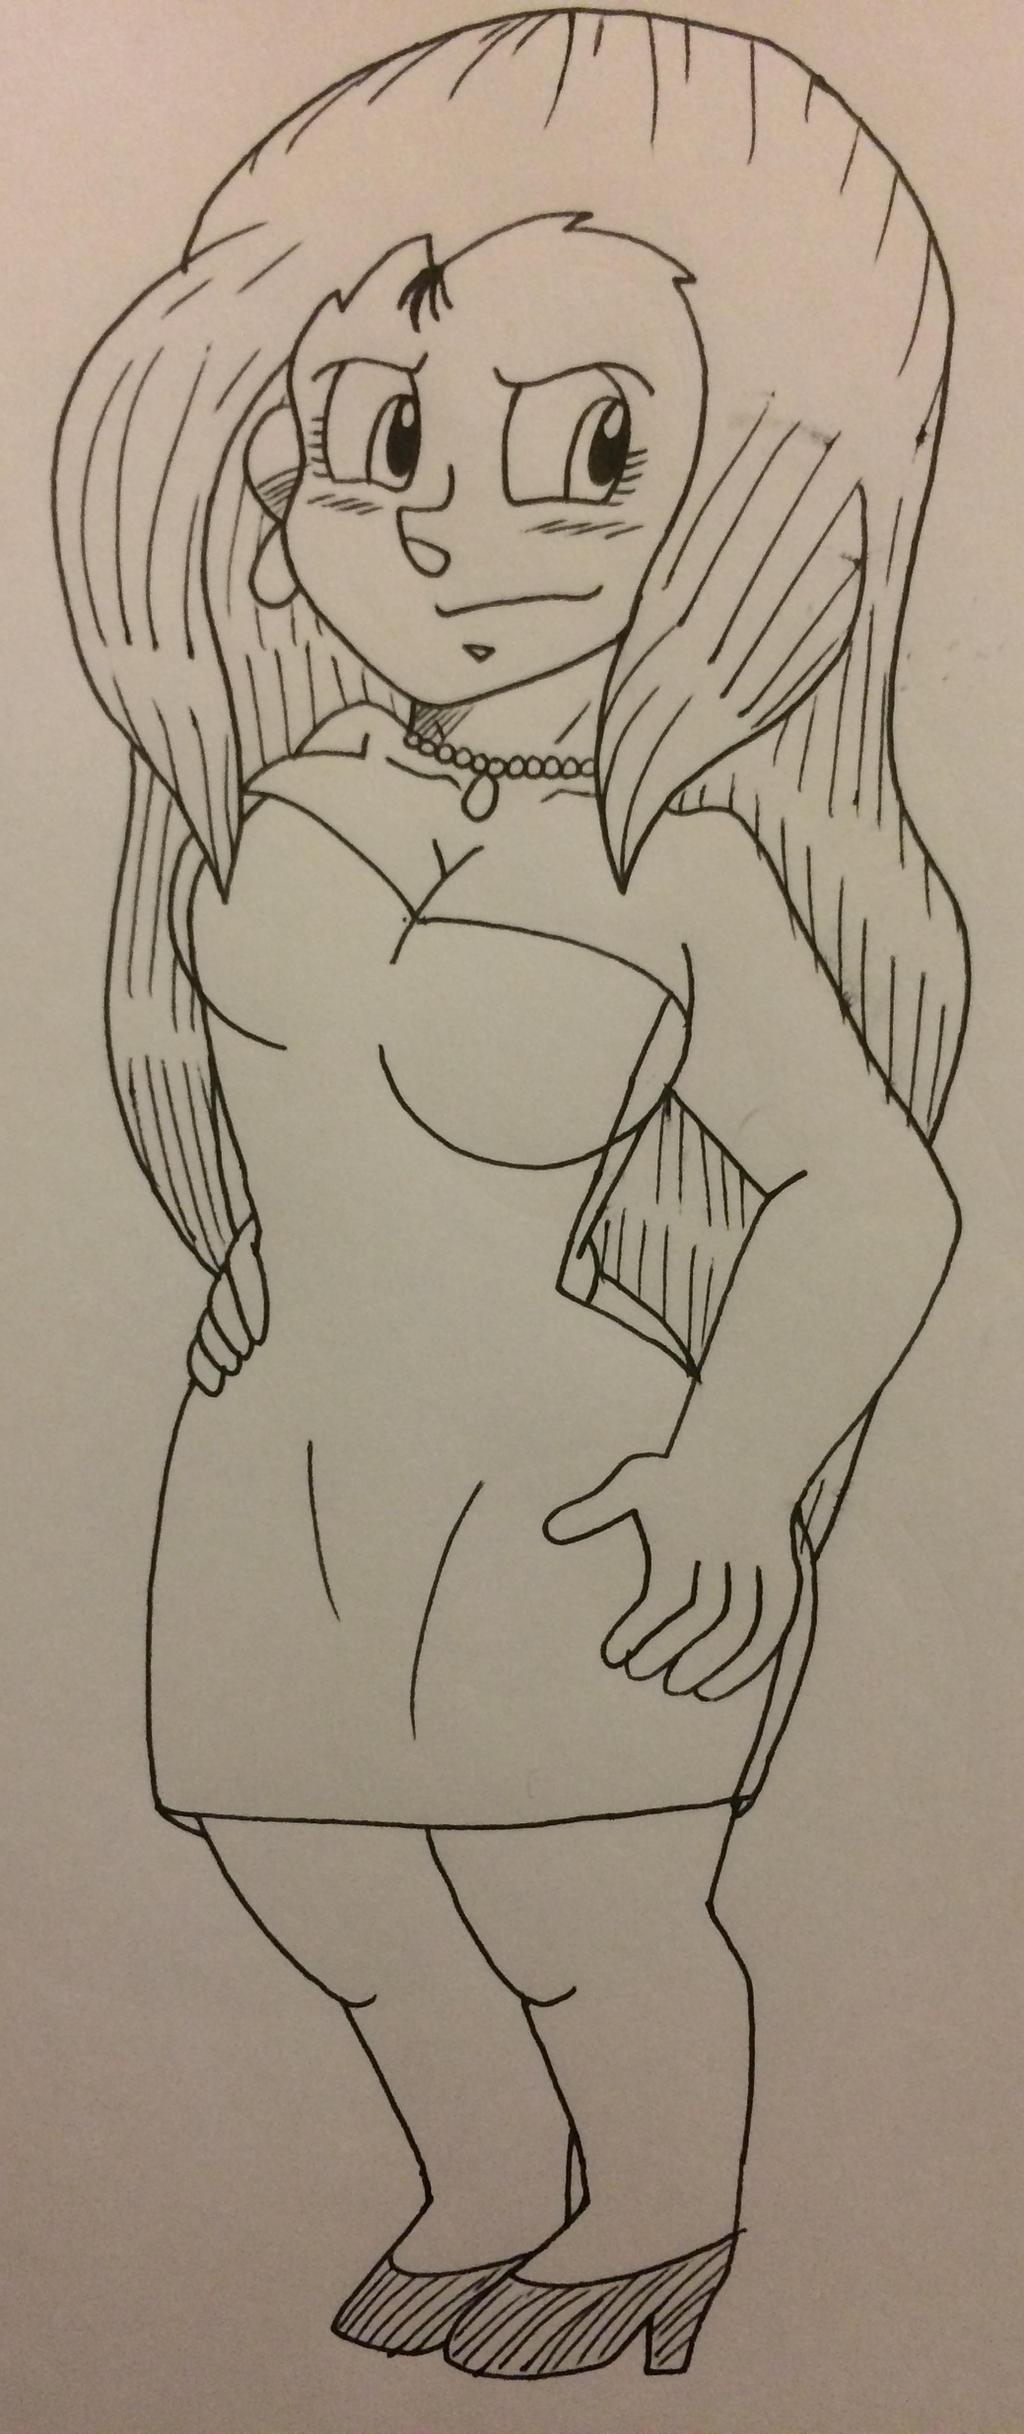 If I drew Reiko Mikami by Ashartz123